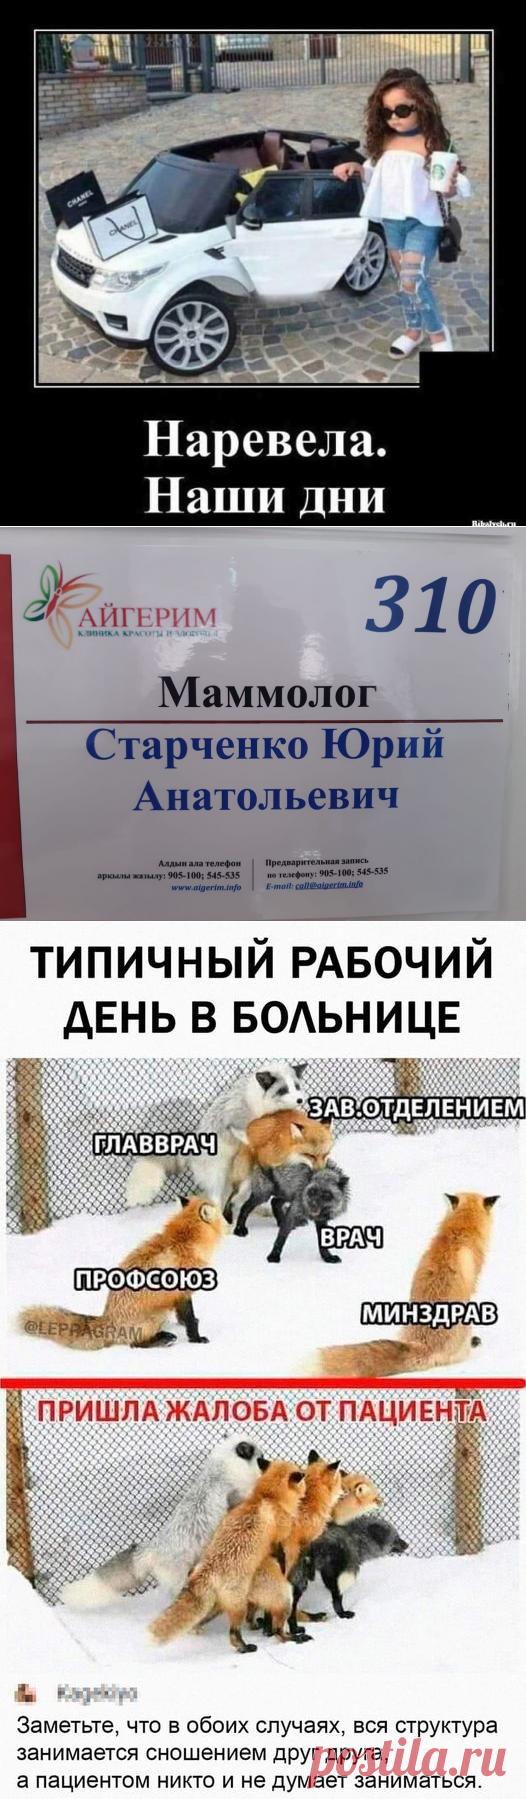 Юрий Старченко | Facebook